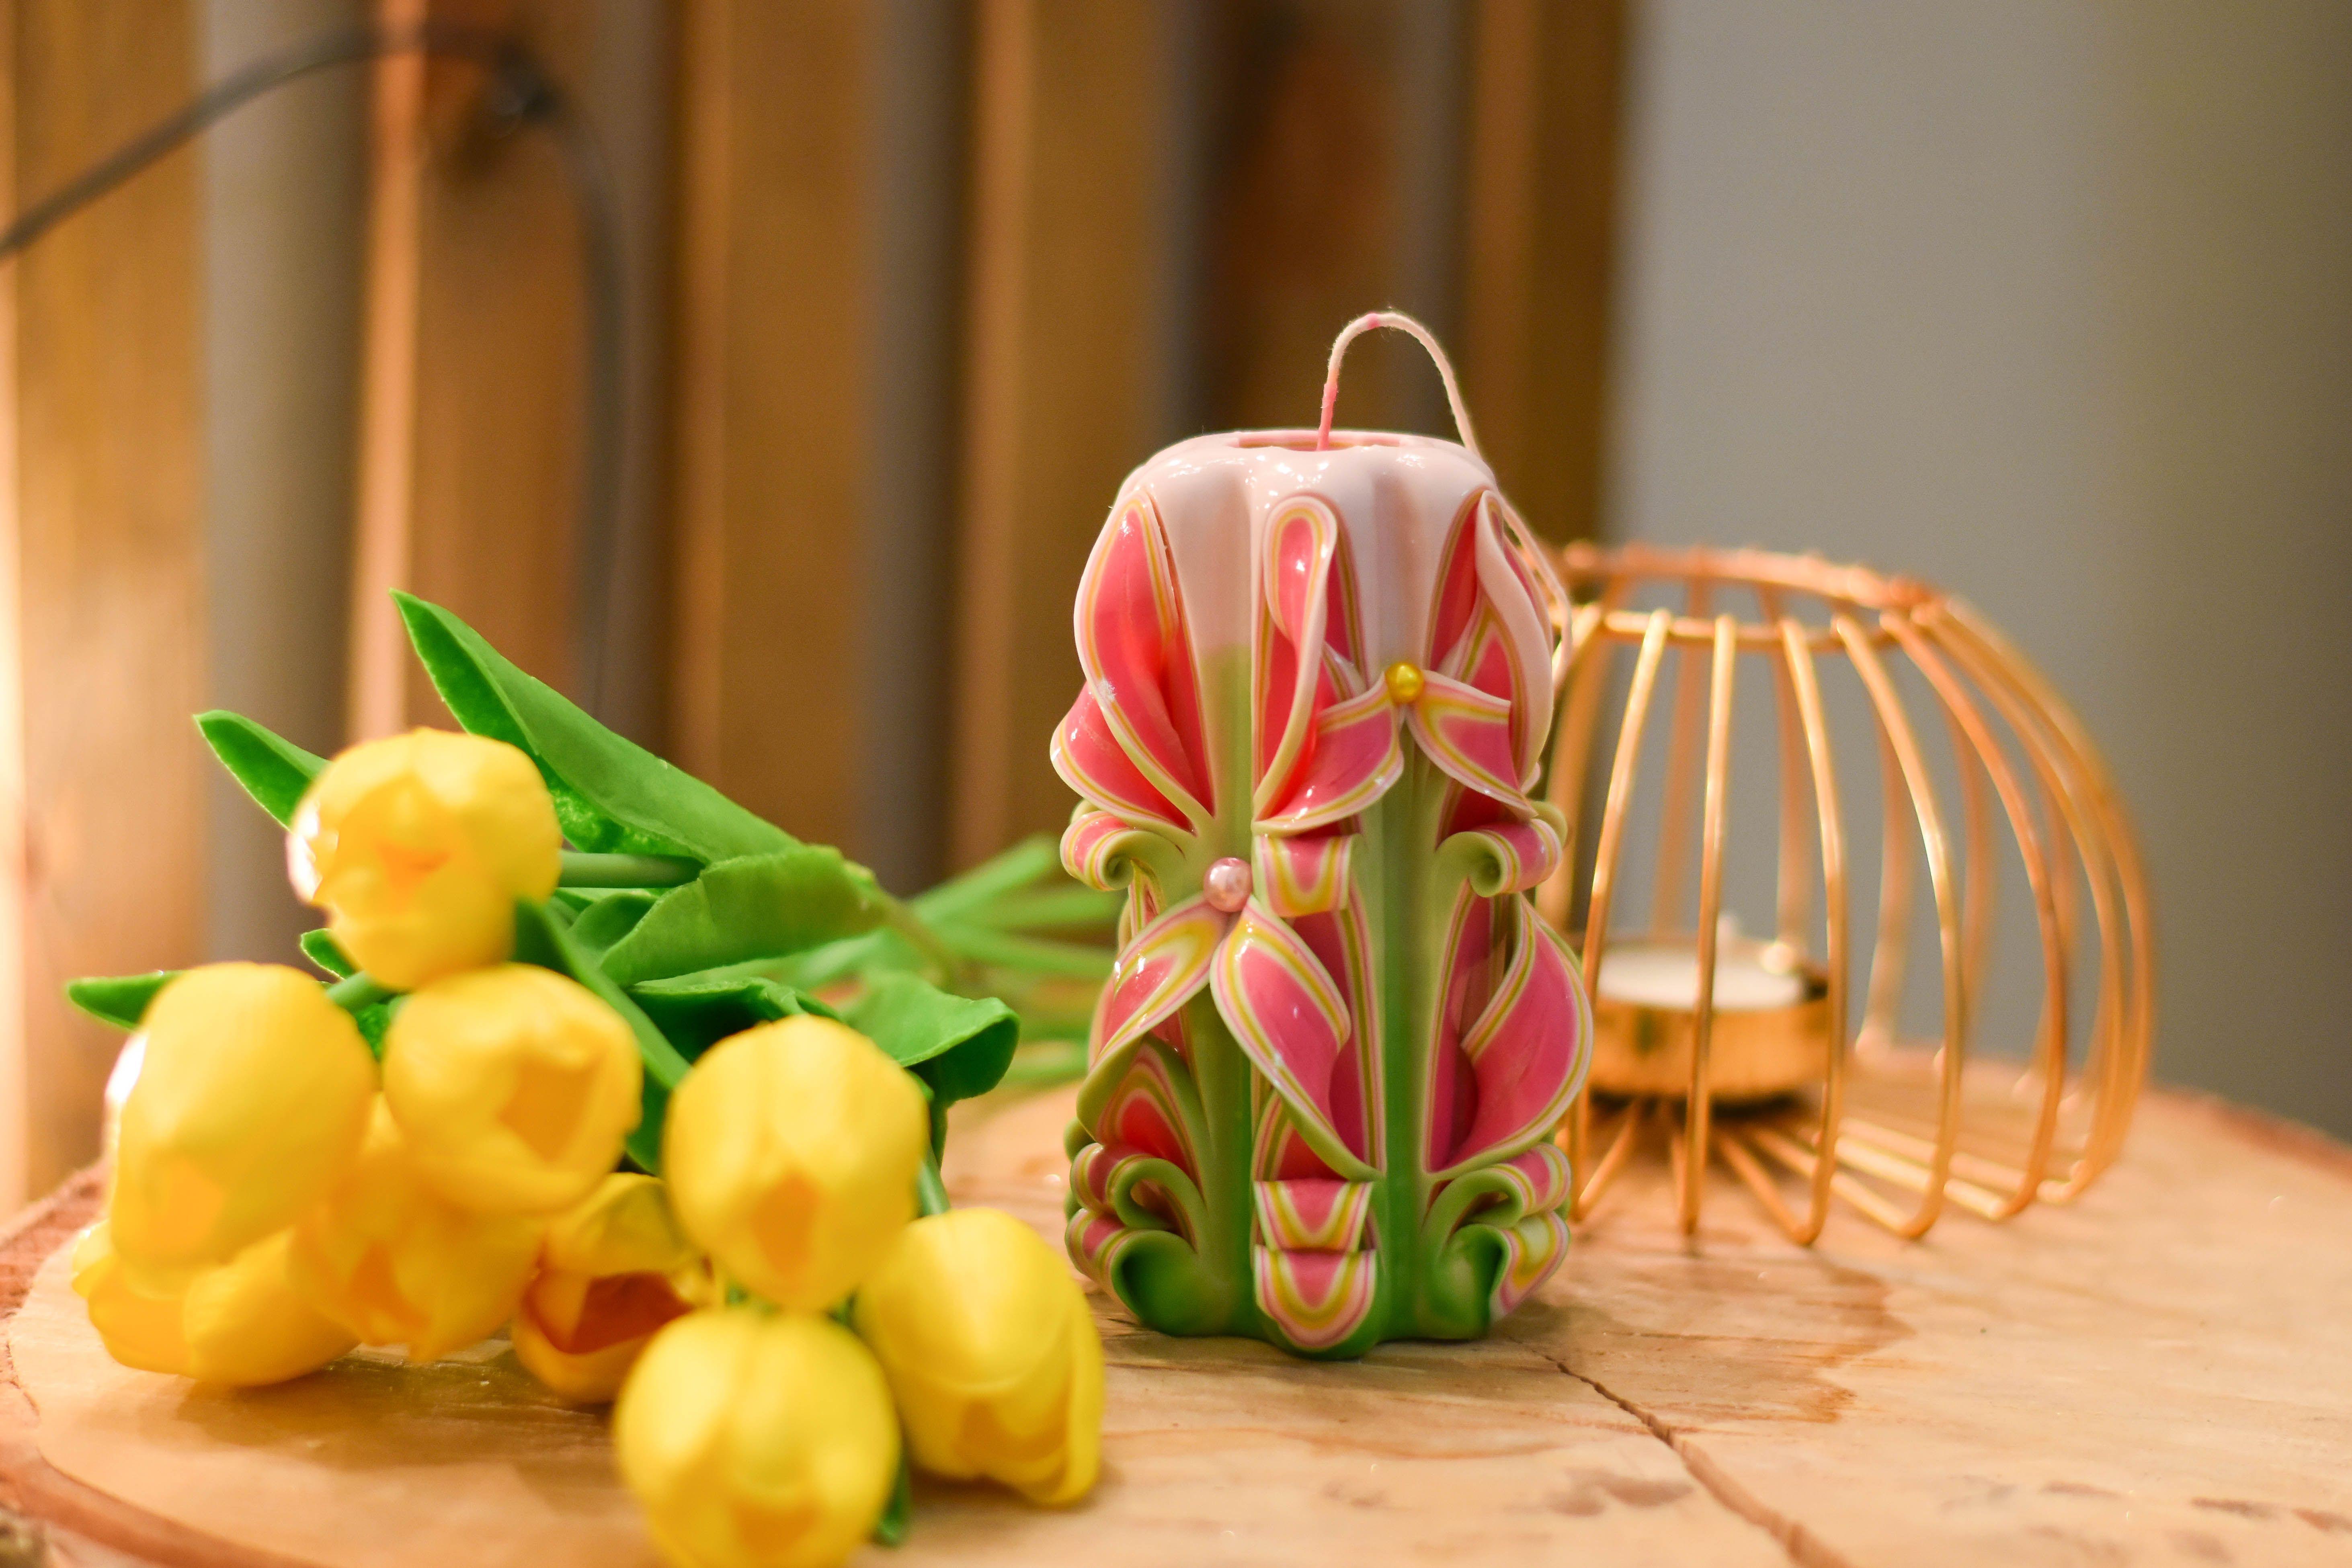 ручнаяработа свеча подарок резныесвечи длядома свечи кашира carvedcandles деньрожденья украшение candle ступино праздник красивыесвечи резнаясвеча деньрождения свадьба